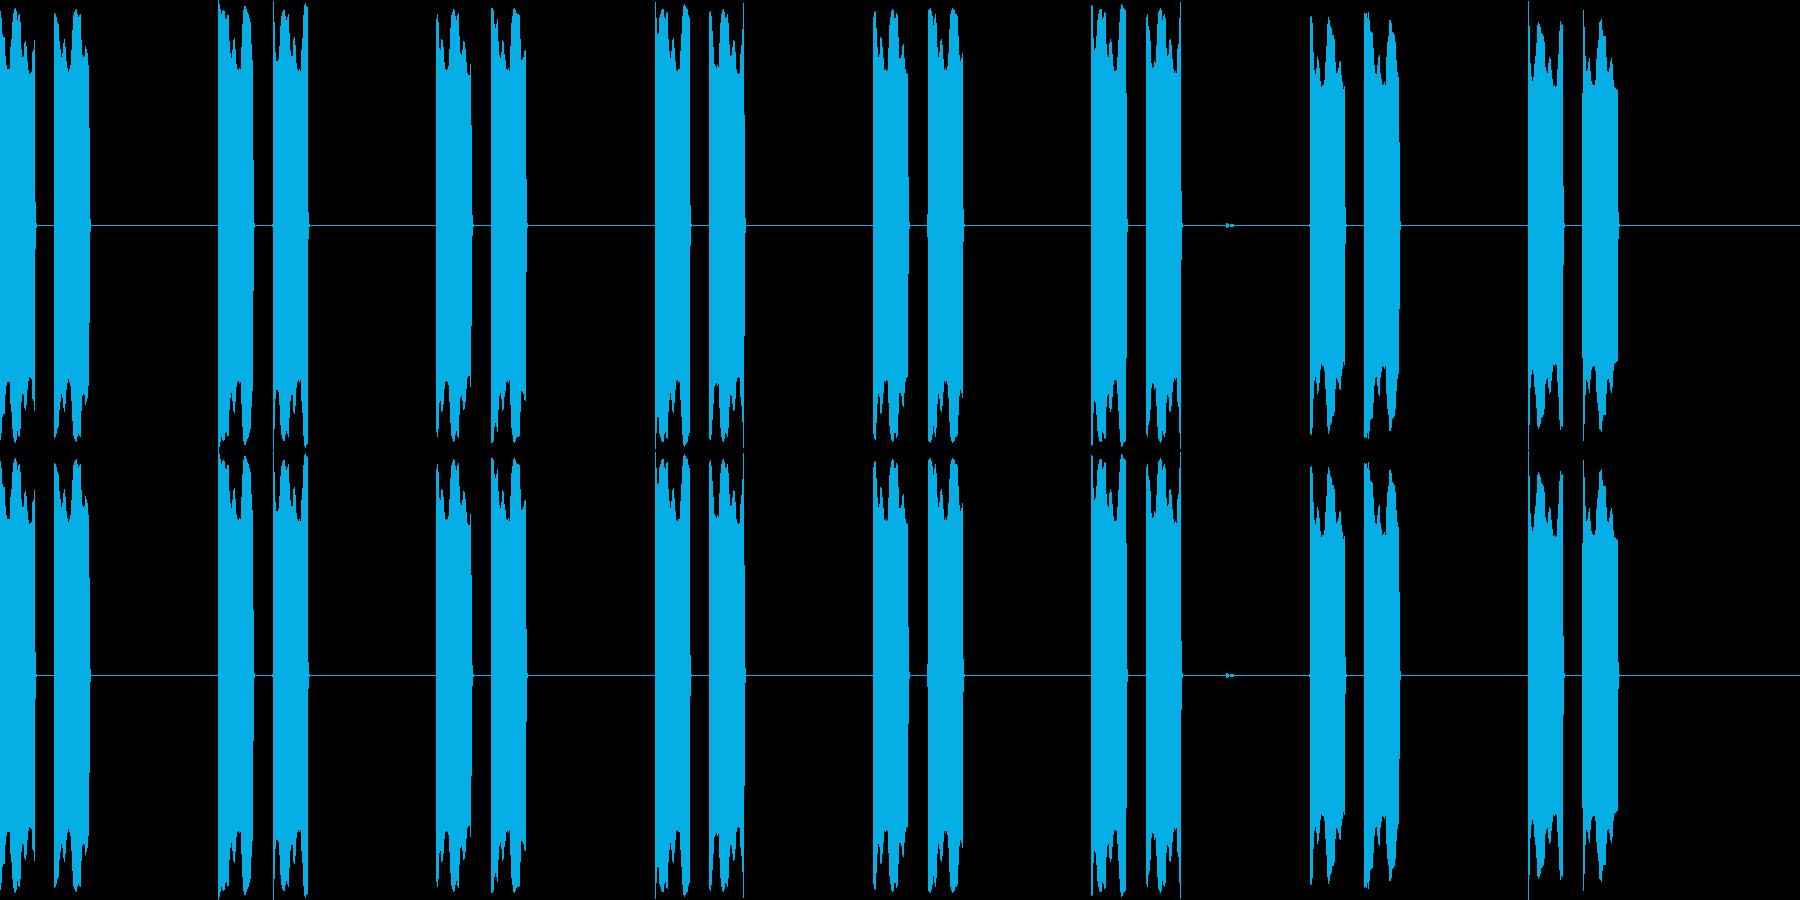 ピーピー(電子音、機械音)の再生済みの波形